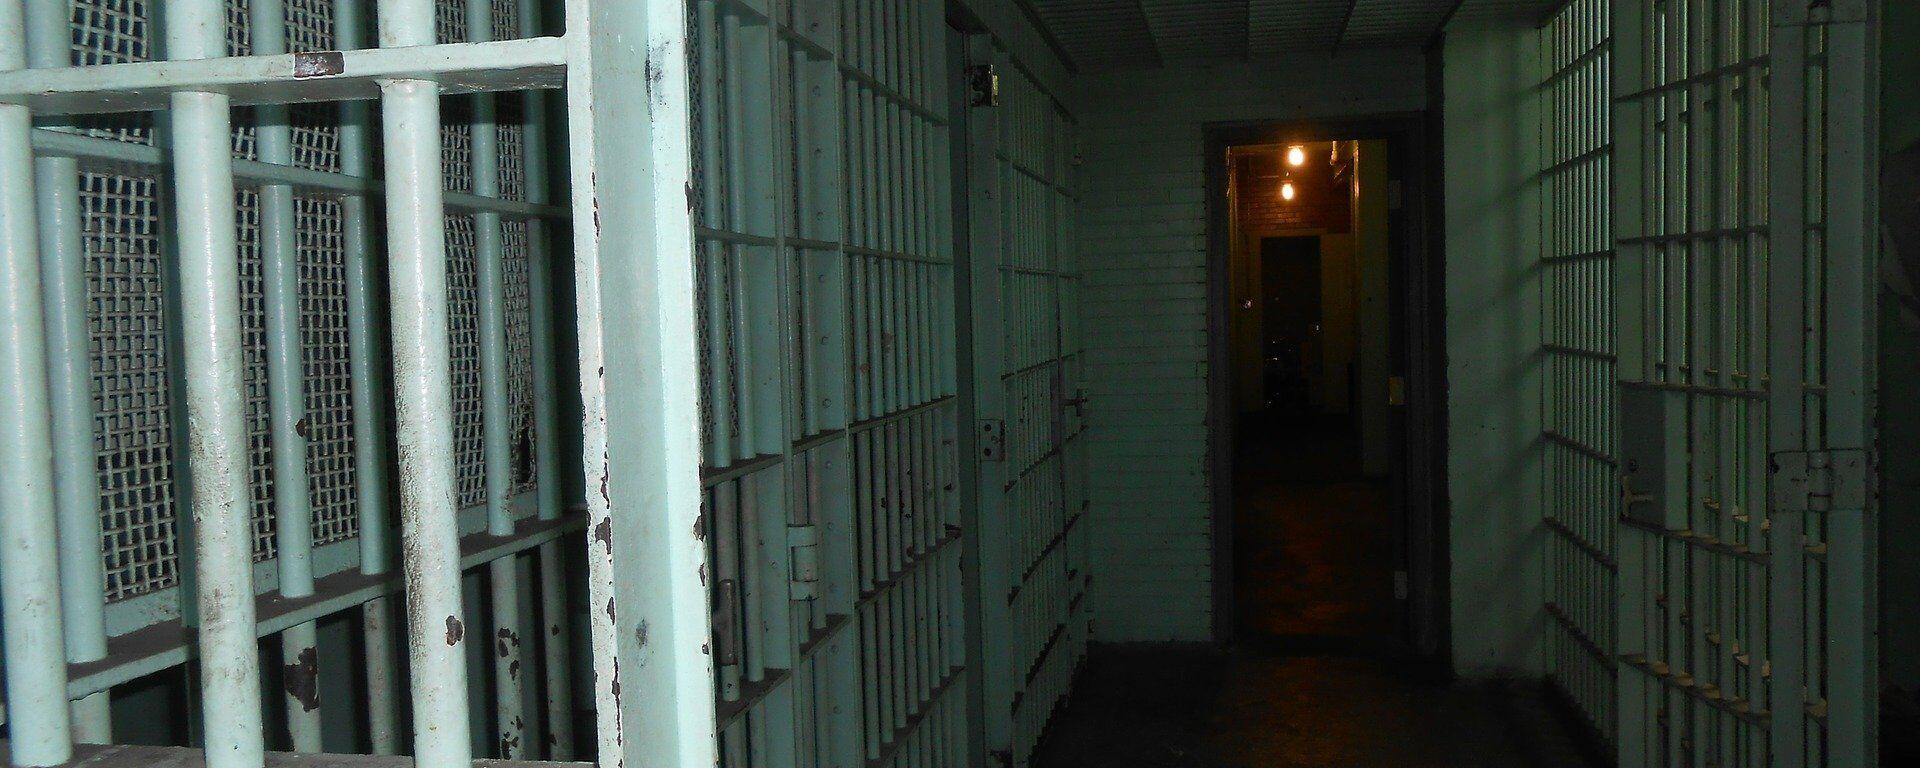 El pasillo de una cárcel (imagen referencial) - Sputnik Mundo, 1920, 21.05.2021